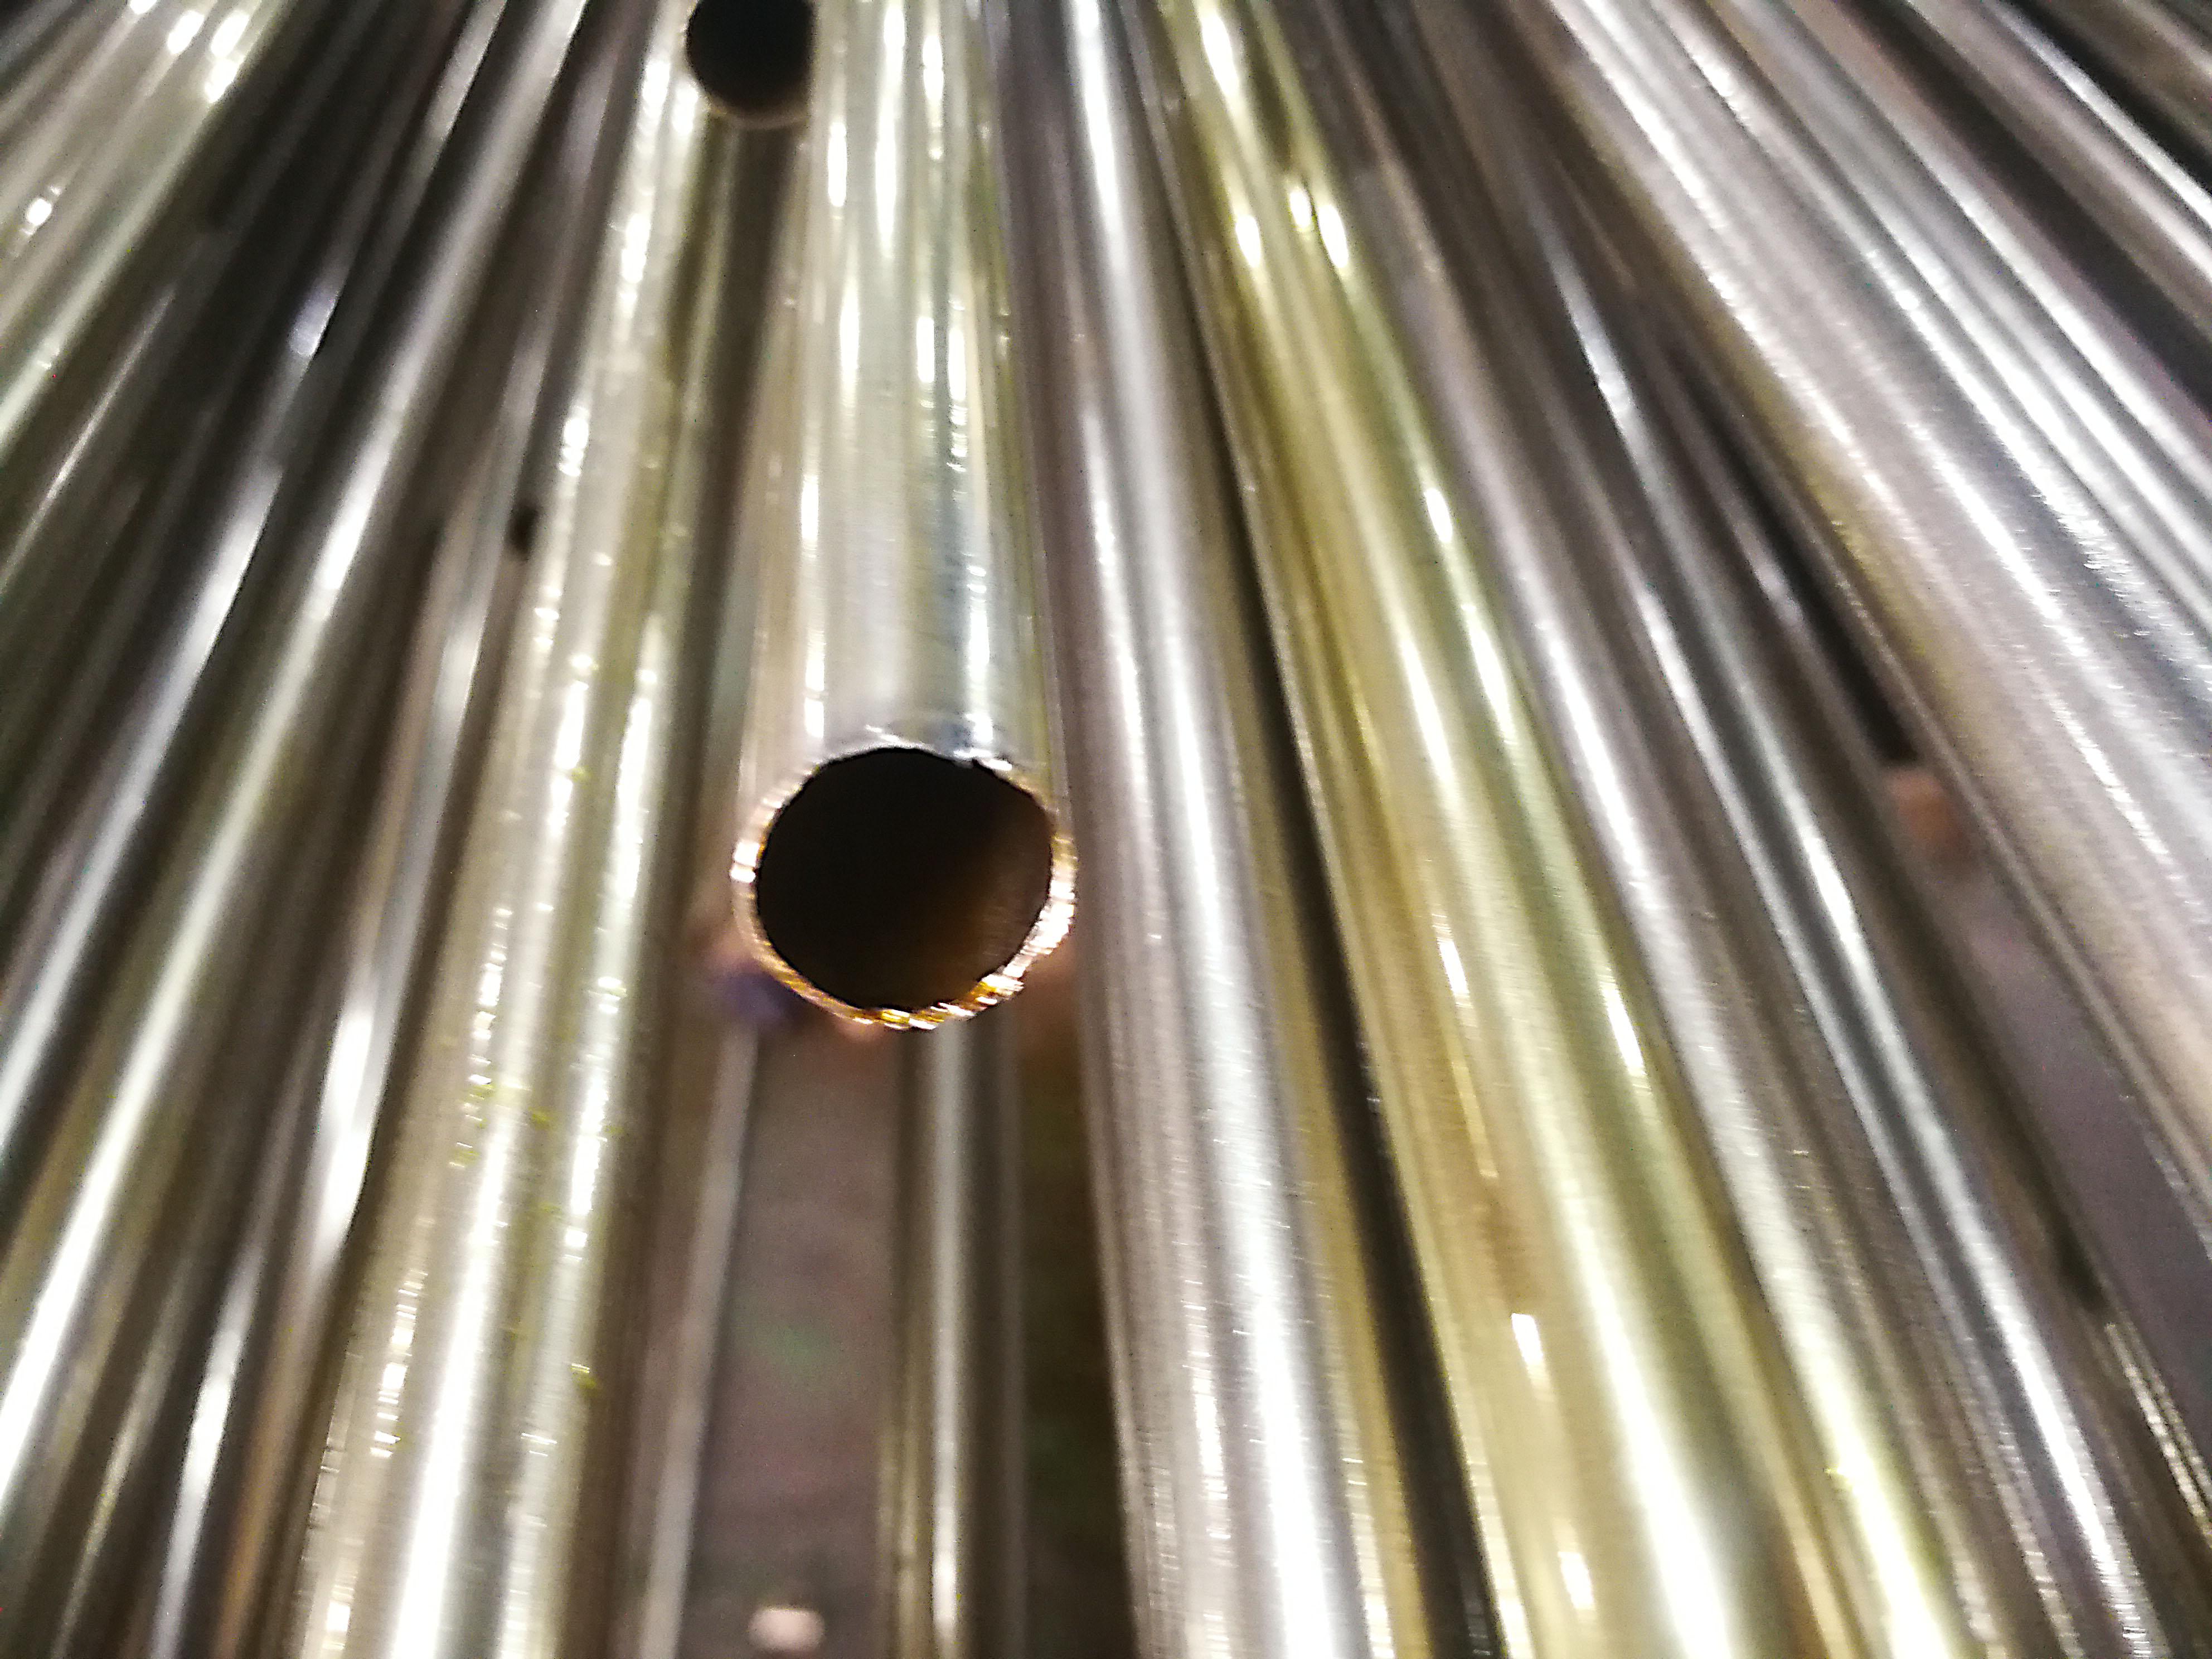 8*0.5精密不锈钢管光亮退火后公差控制在±0.05mm范围(图3)